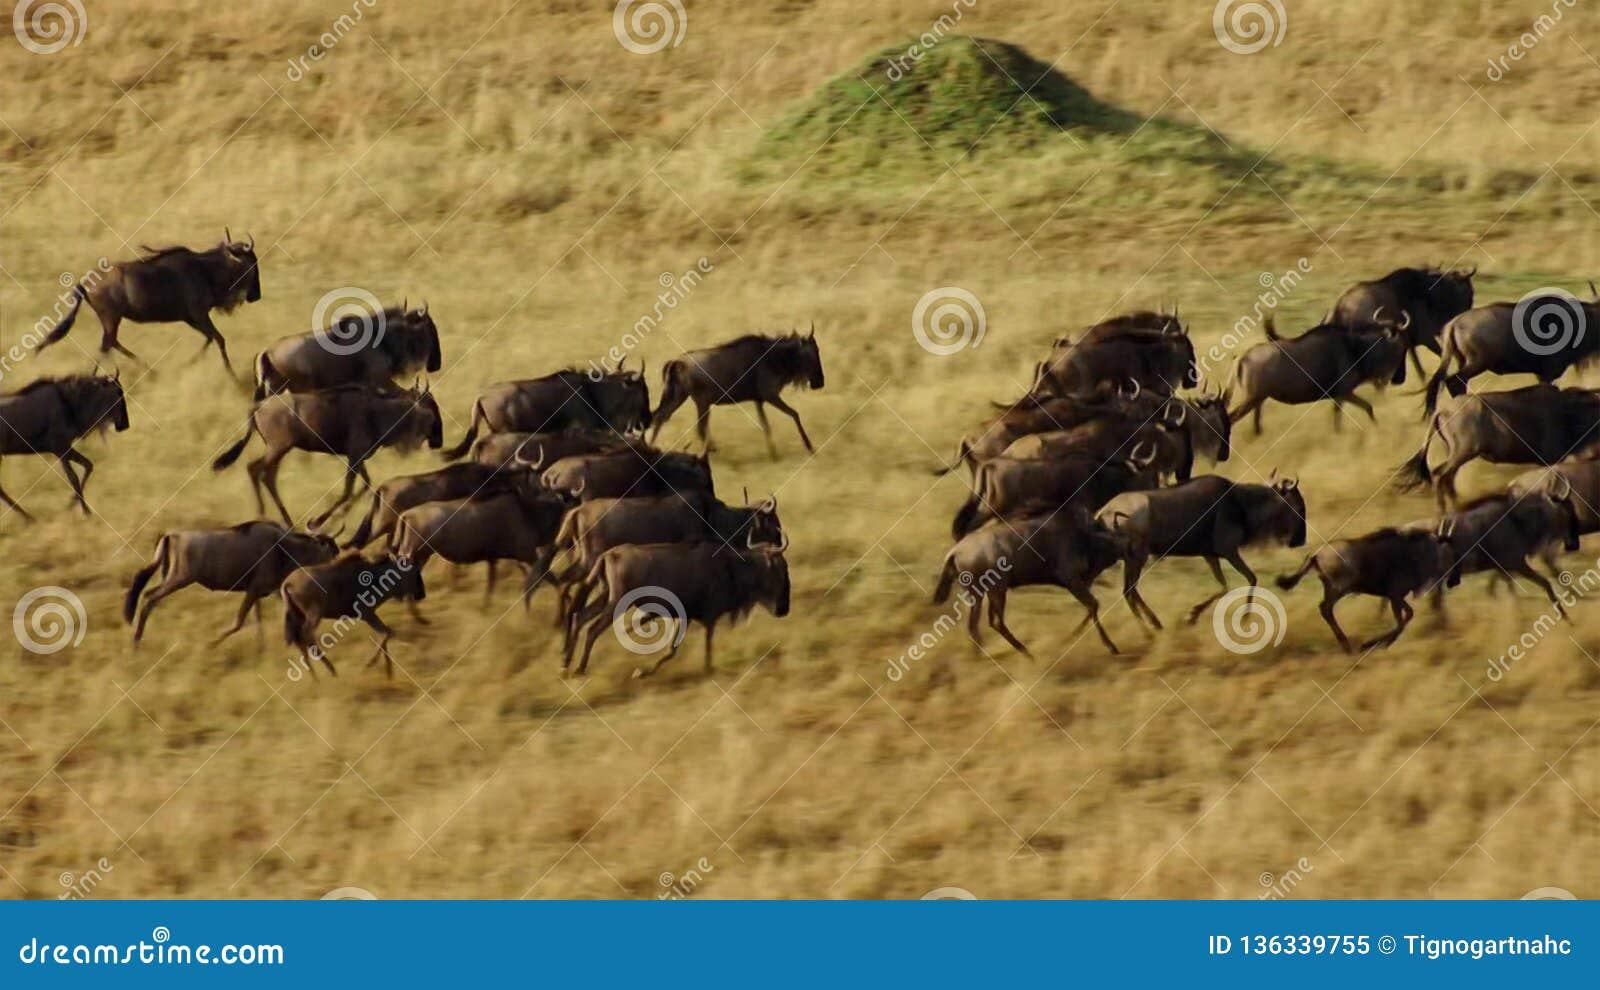 Una estación seca se arraiga Para evitar el hambre, muchos el ñu vaga la sabana africana del este que persigue la lluvia